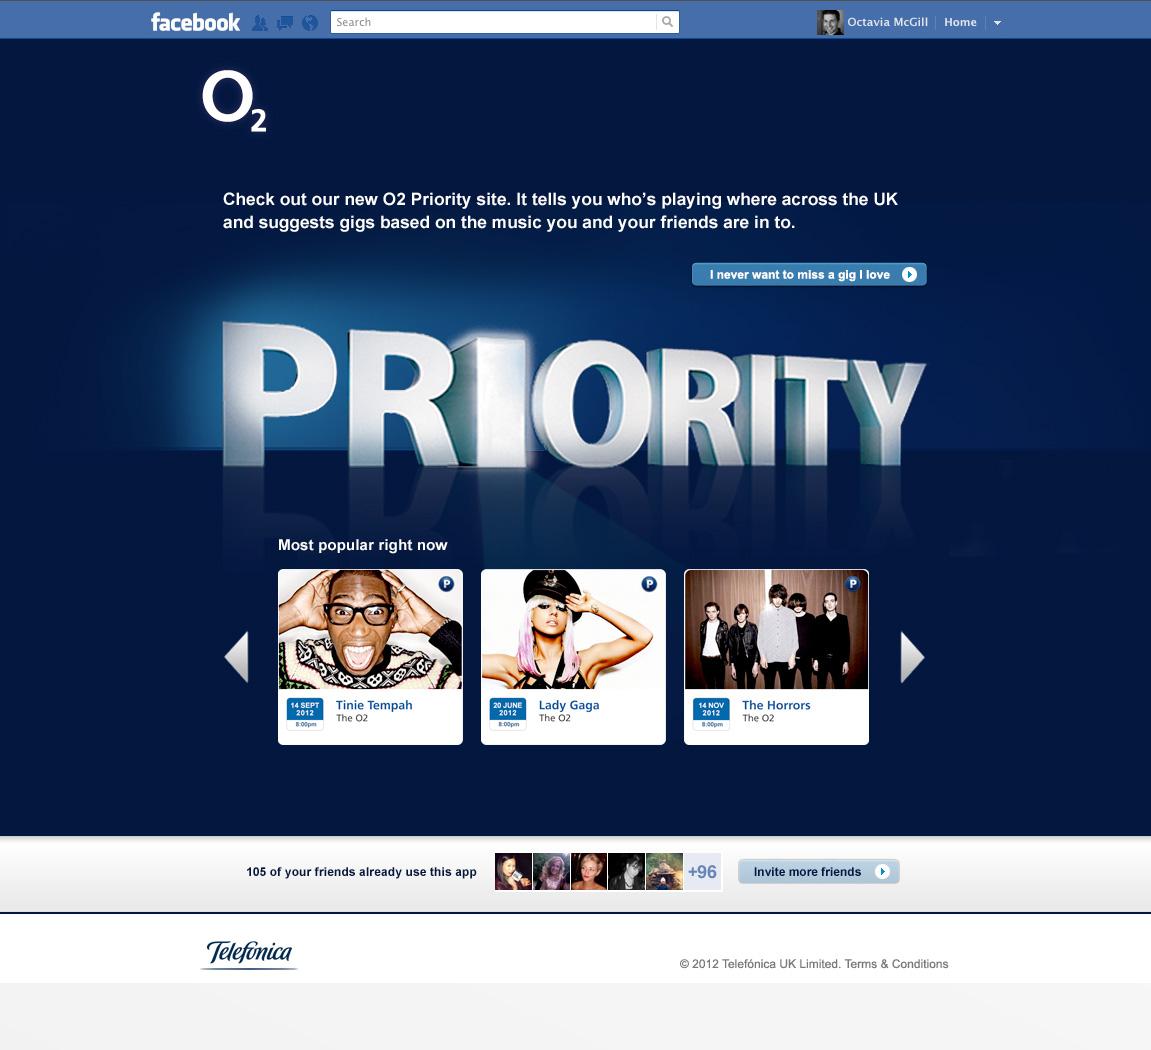 O2_Facebook_3_AppNotPermissioned_v10.1.jpg